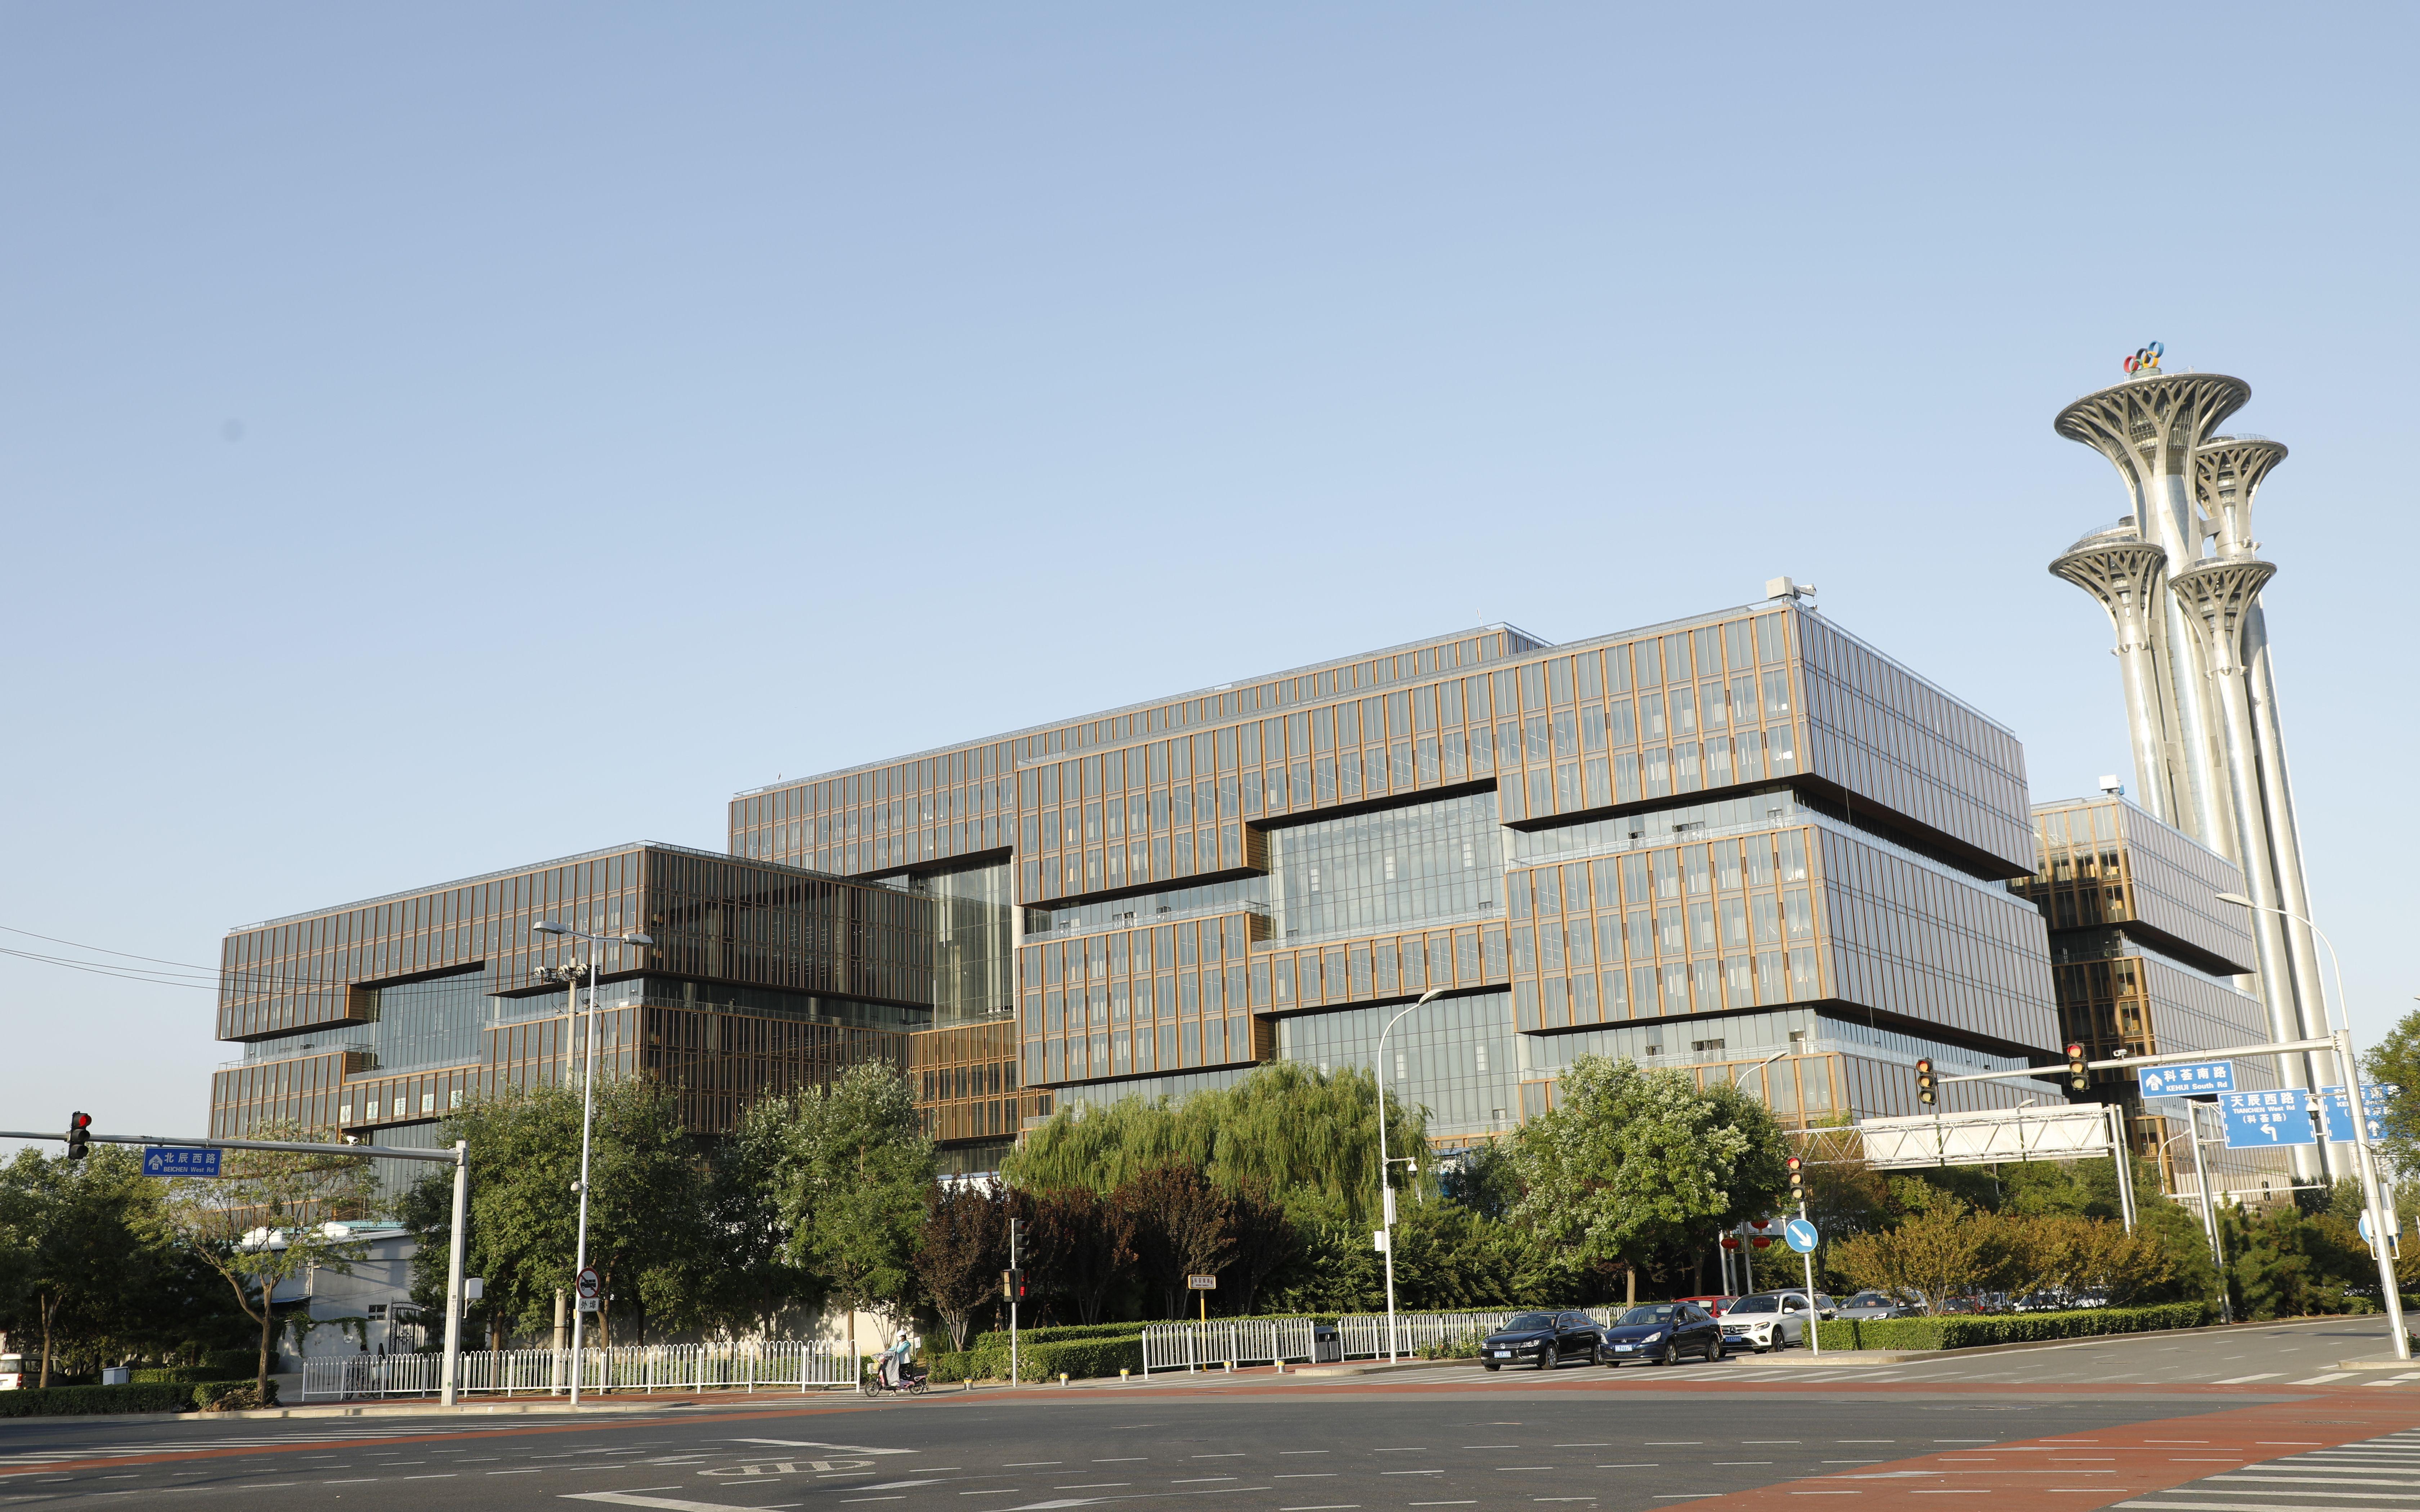 亚洲金融大厦今日正式竣工,北京中轴线又增新地标